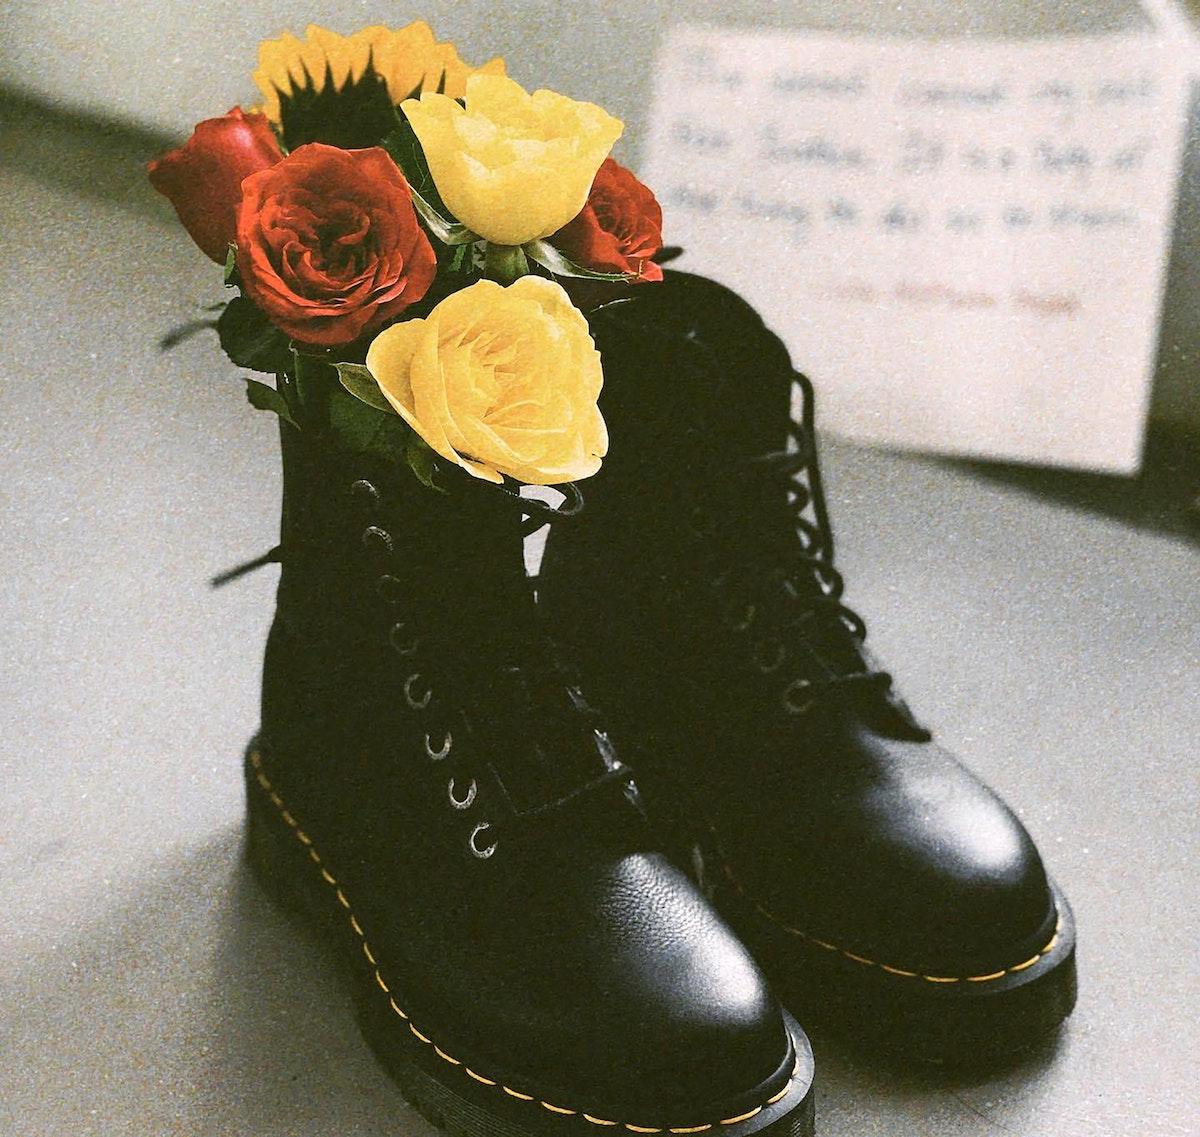 أحذية بالورود احتجاجاً على الانقلاب العسكري في ميانمار - AFP